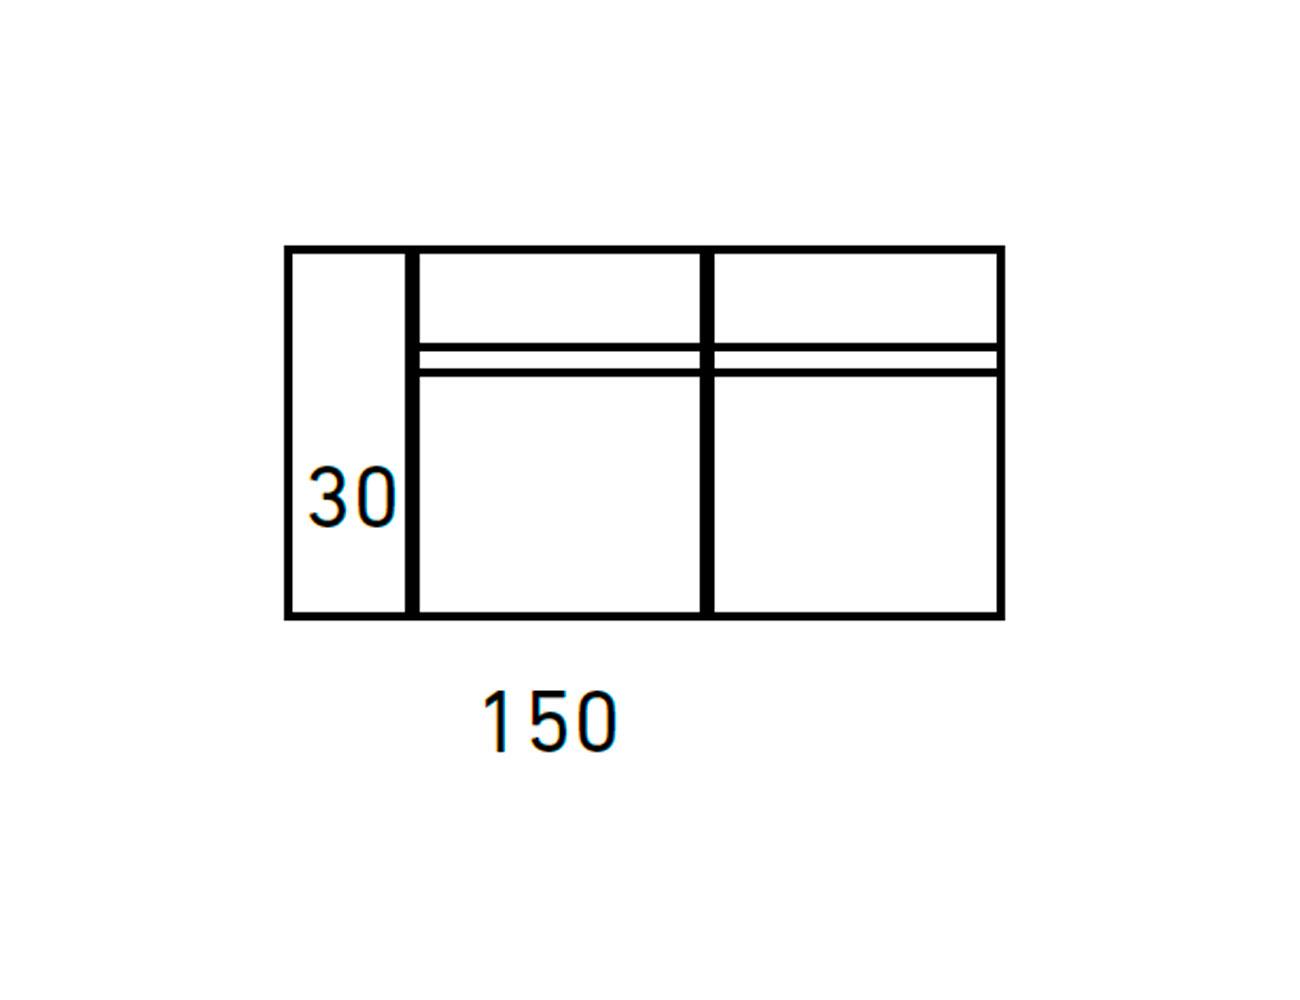 Modulo 1501